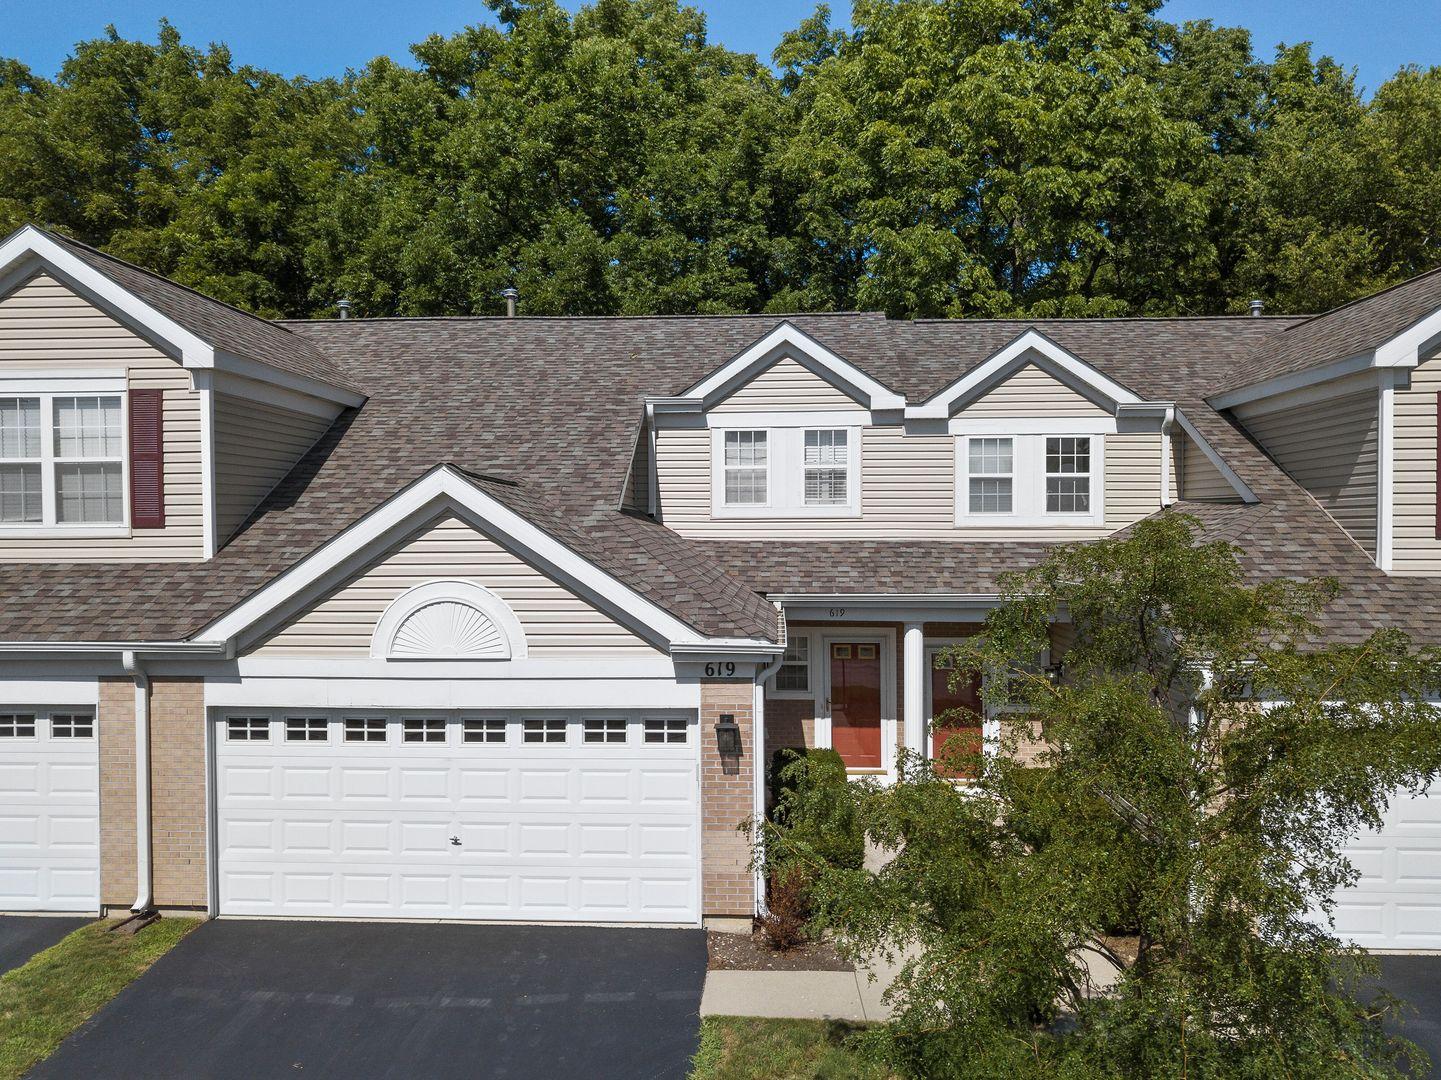 619 Benton Road, Lake Villa, Illinois 60046